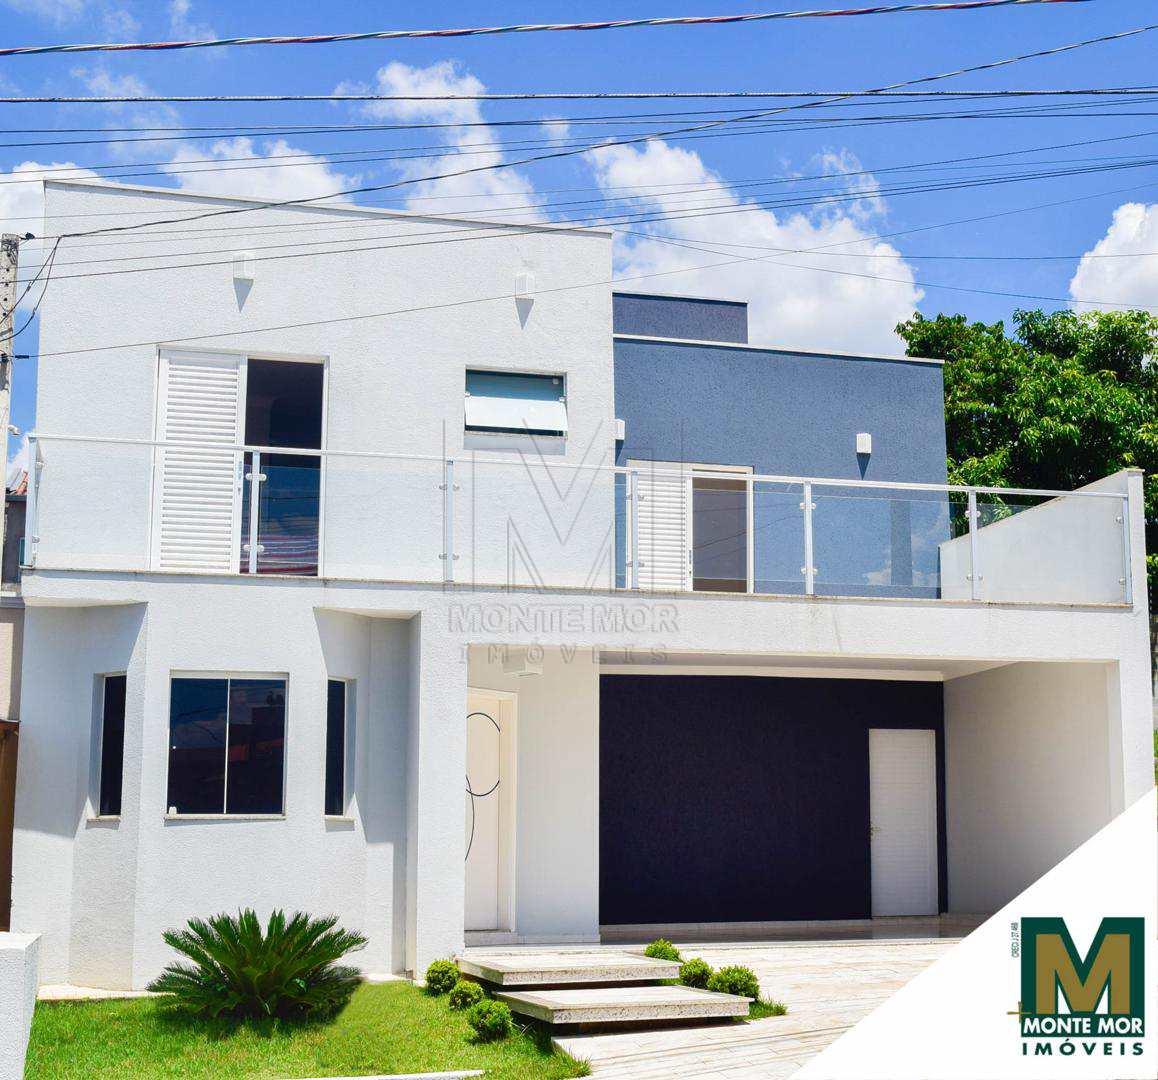 Linda Casa com 4 dorms -  Reserva da Mata - Monte Mor - SP